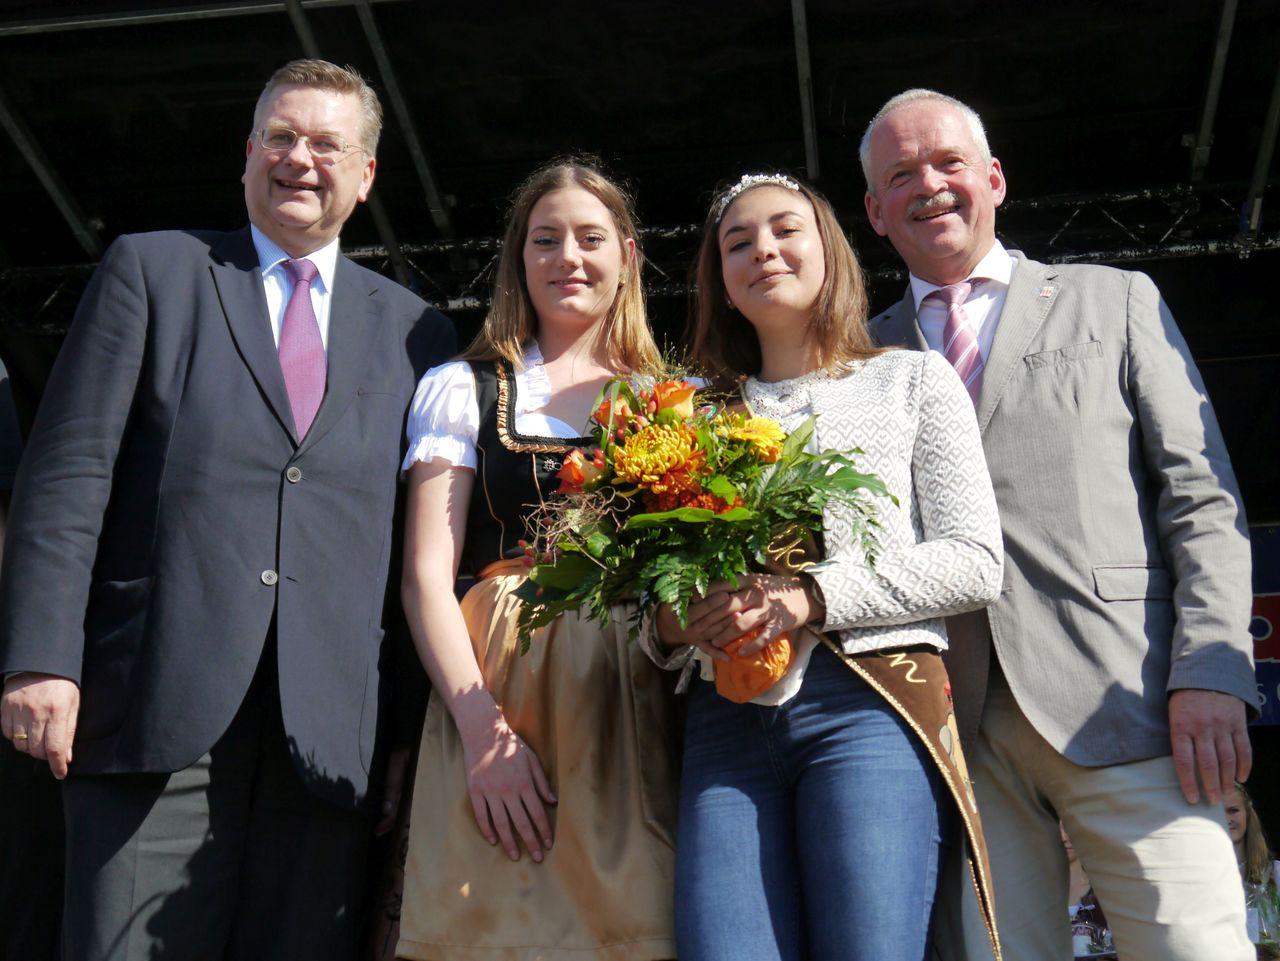 Reinhard Grindel (links) und Andreas Weber (rechts) dankten Jennifer Brinkmann für ihr Jahr als Königin und begrüßten Anna Lucia Richter. Foto: Janila Dierks